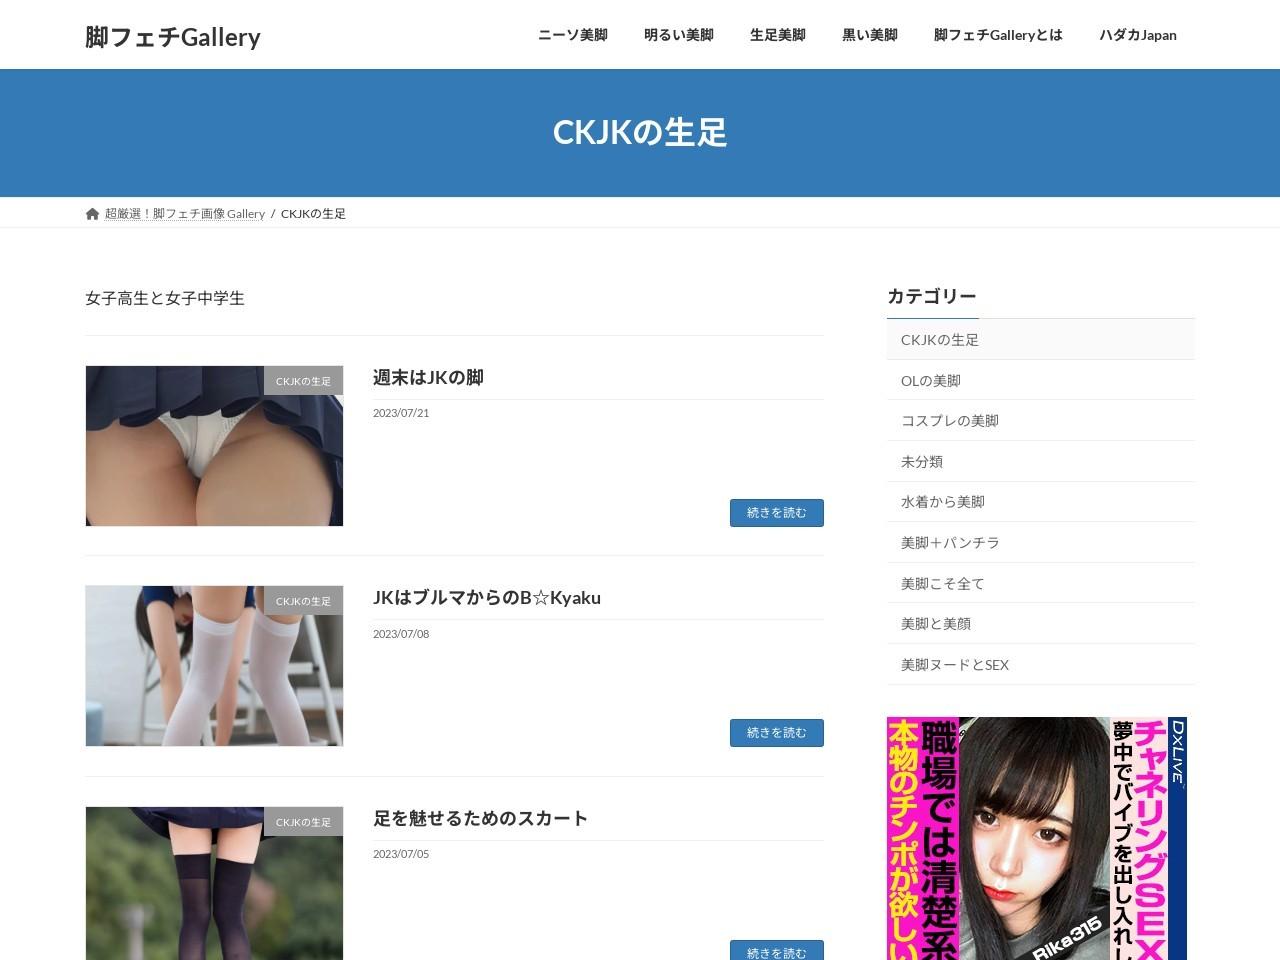 外部サイト:脚フェチギャラリー 女子高生・女子中学生